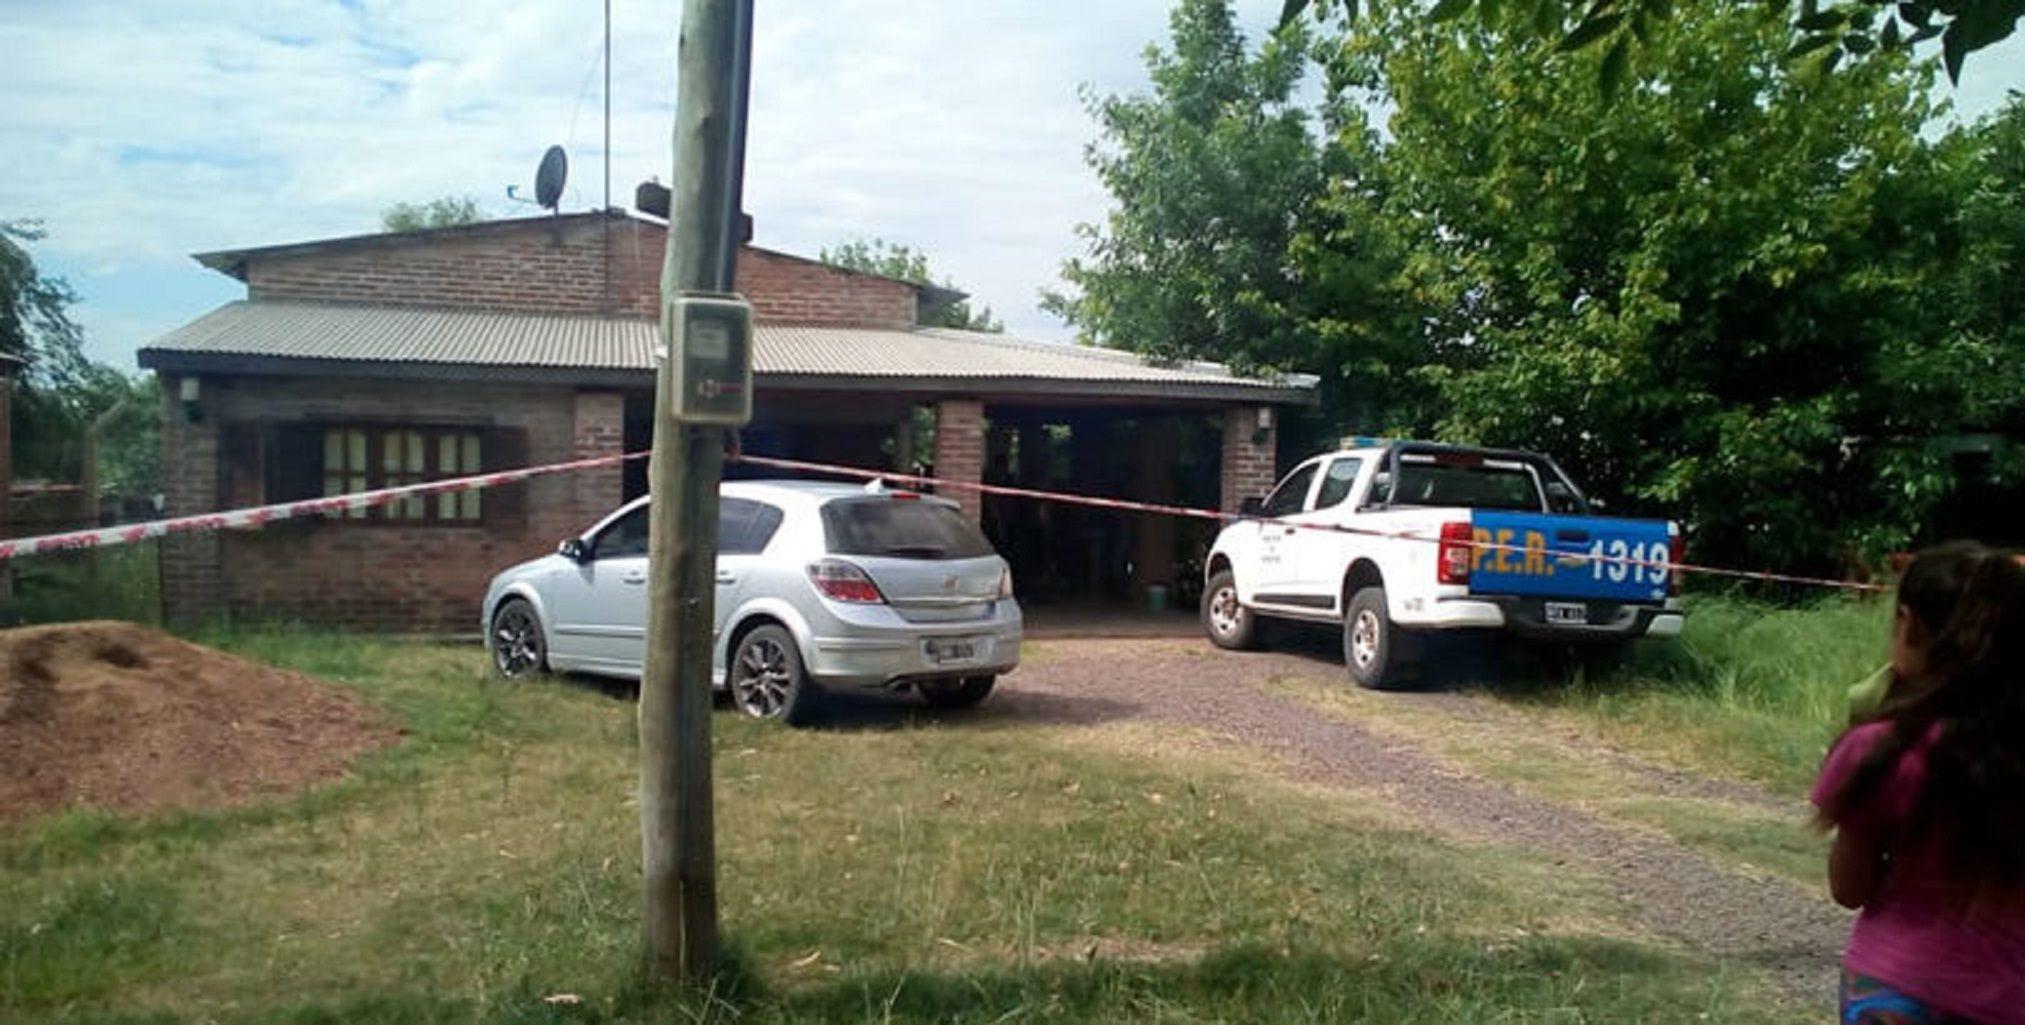 Violó una restricción del hogar, asesinó a su ex y se mató delante de sus hijos